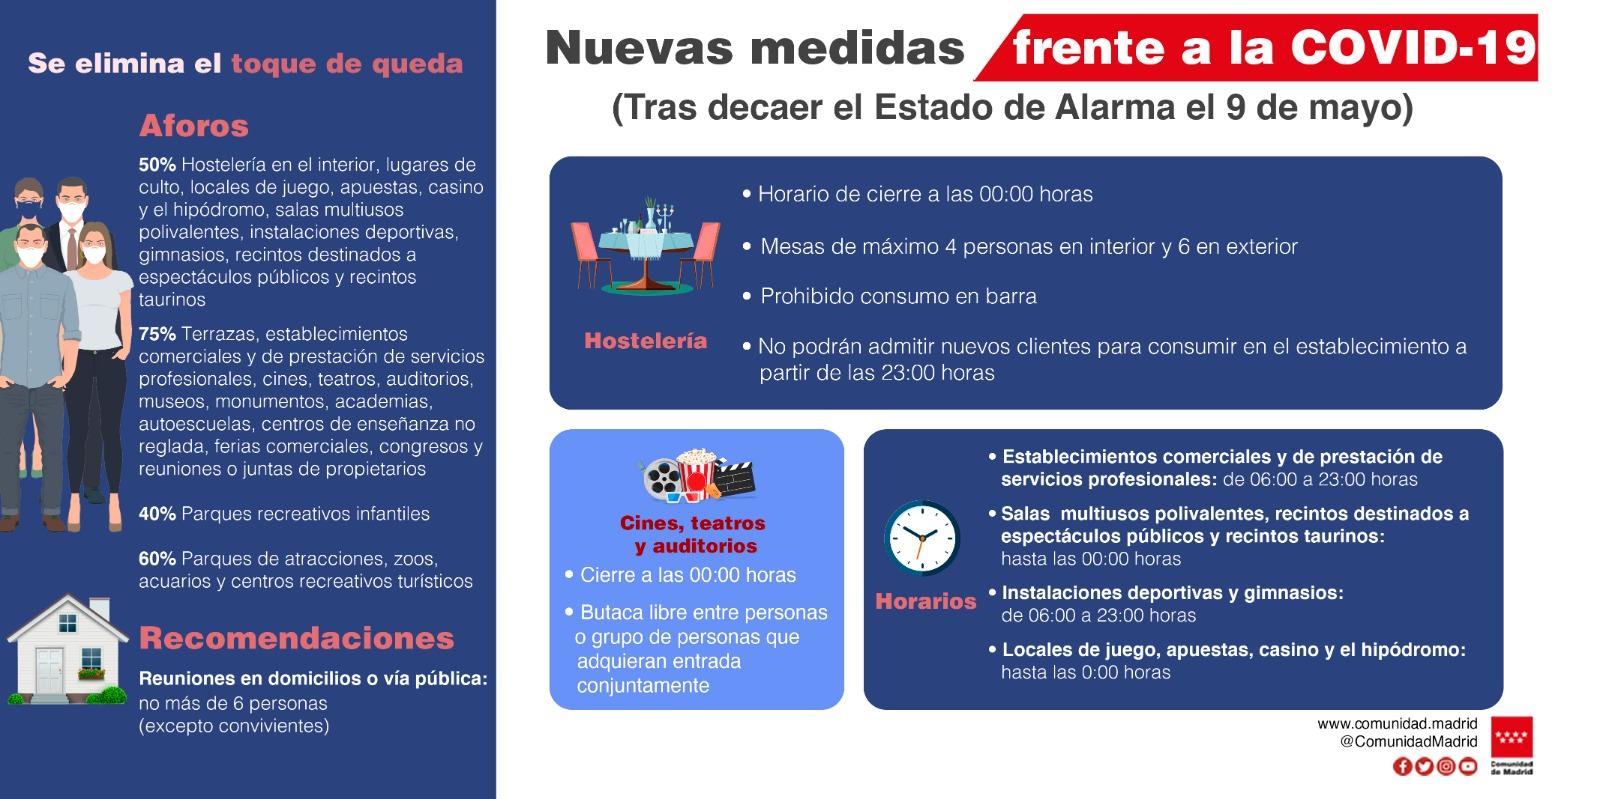 Medidas coronavirus Madrid - fin estado de alarma